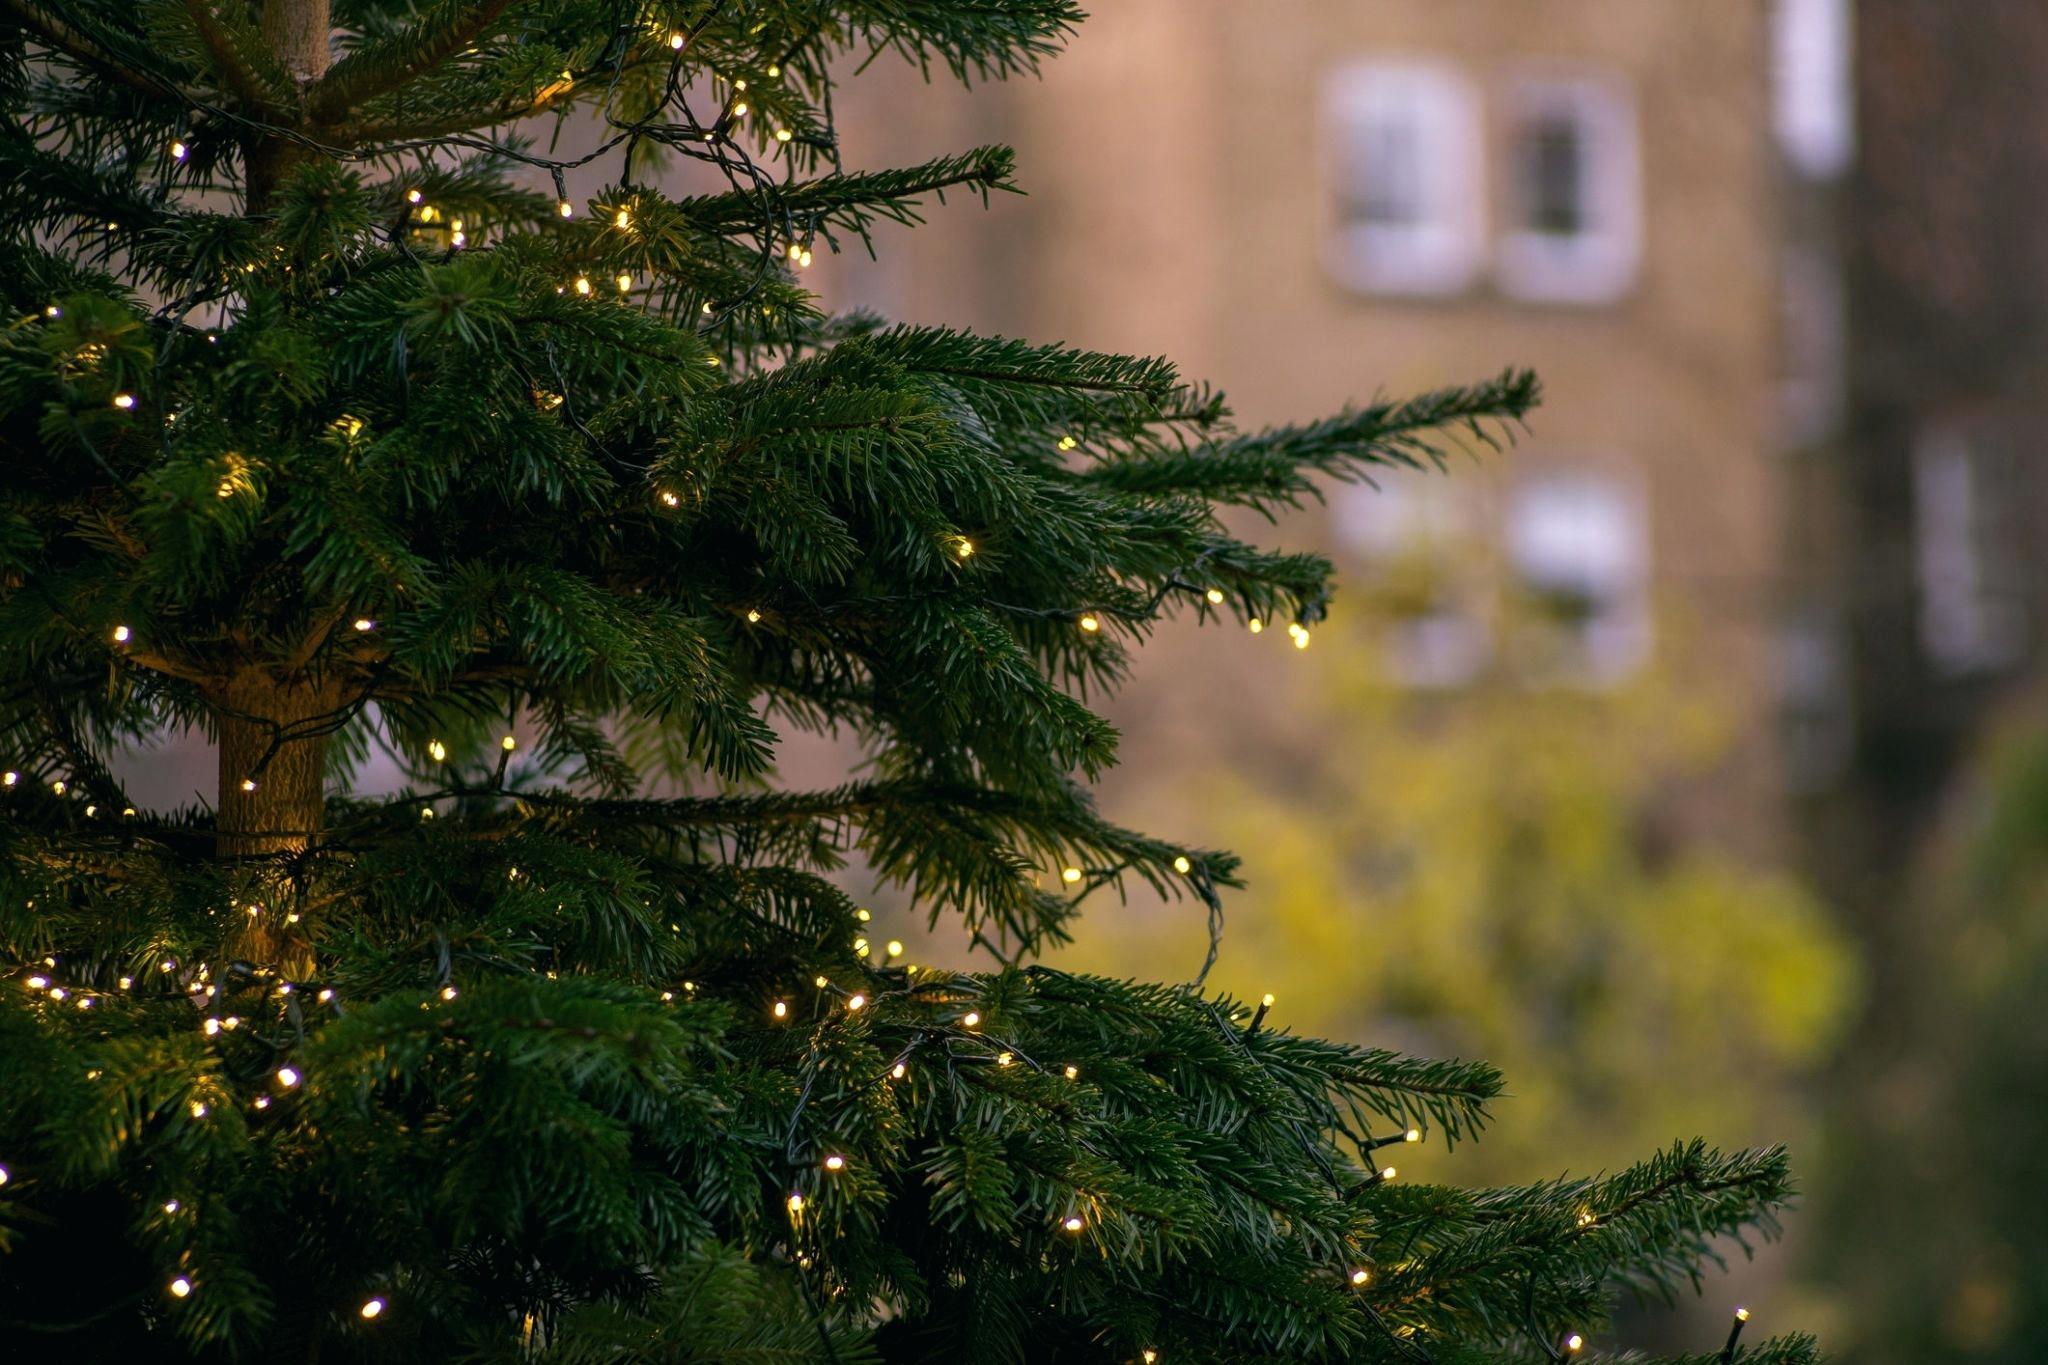 Μελιγαλάς: Την Κυριακή η φωταγώγηση του Χριστουγεννιάτικου δέντρου